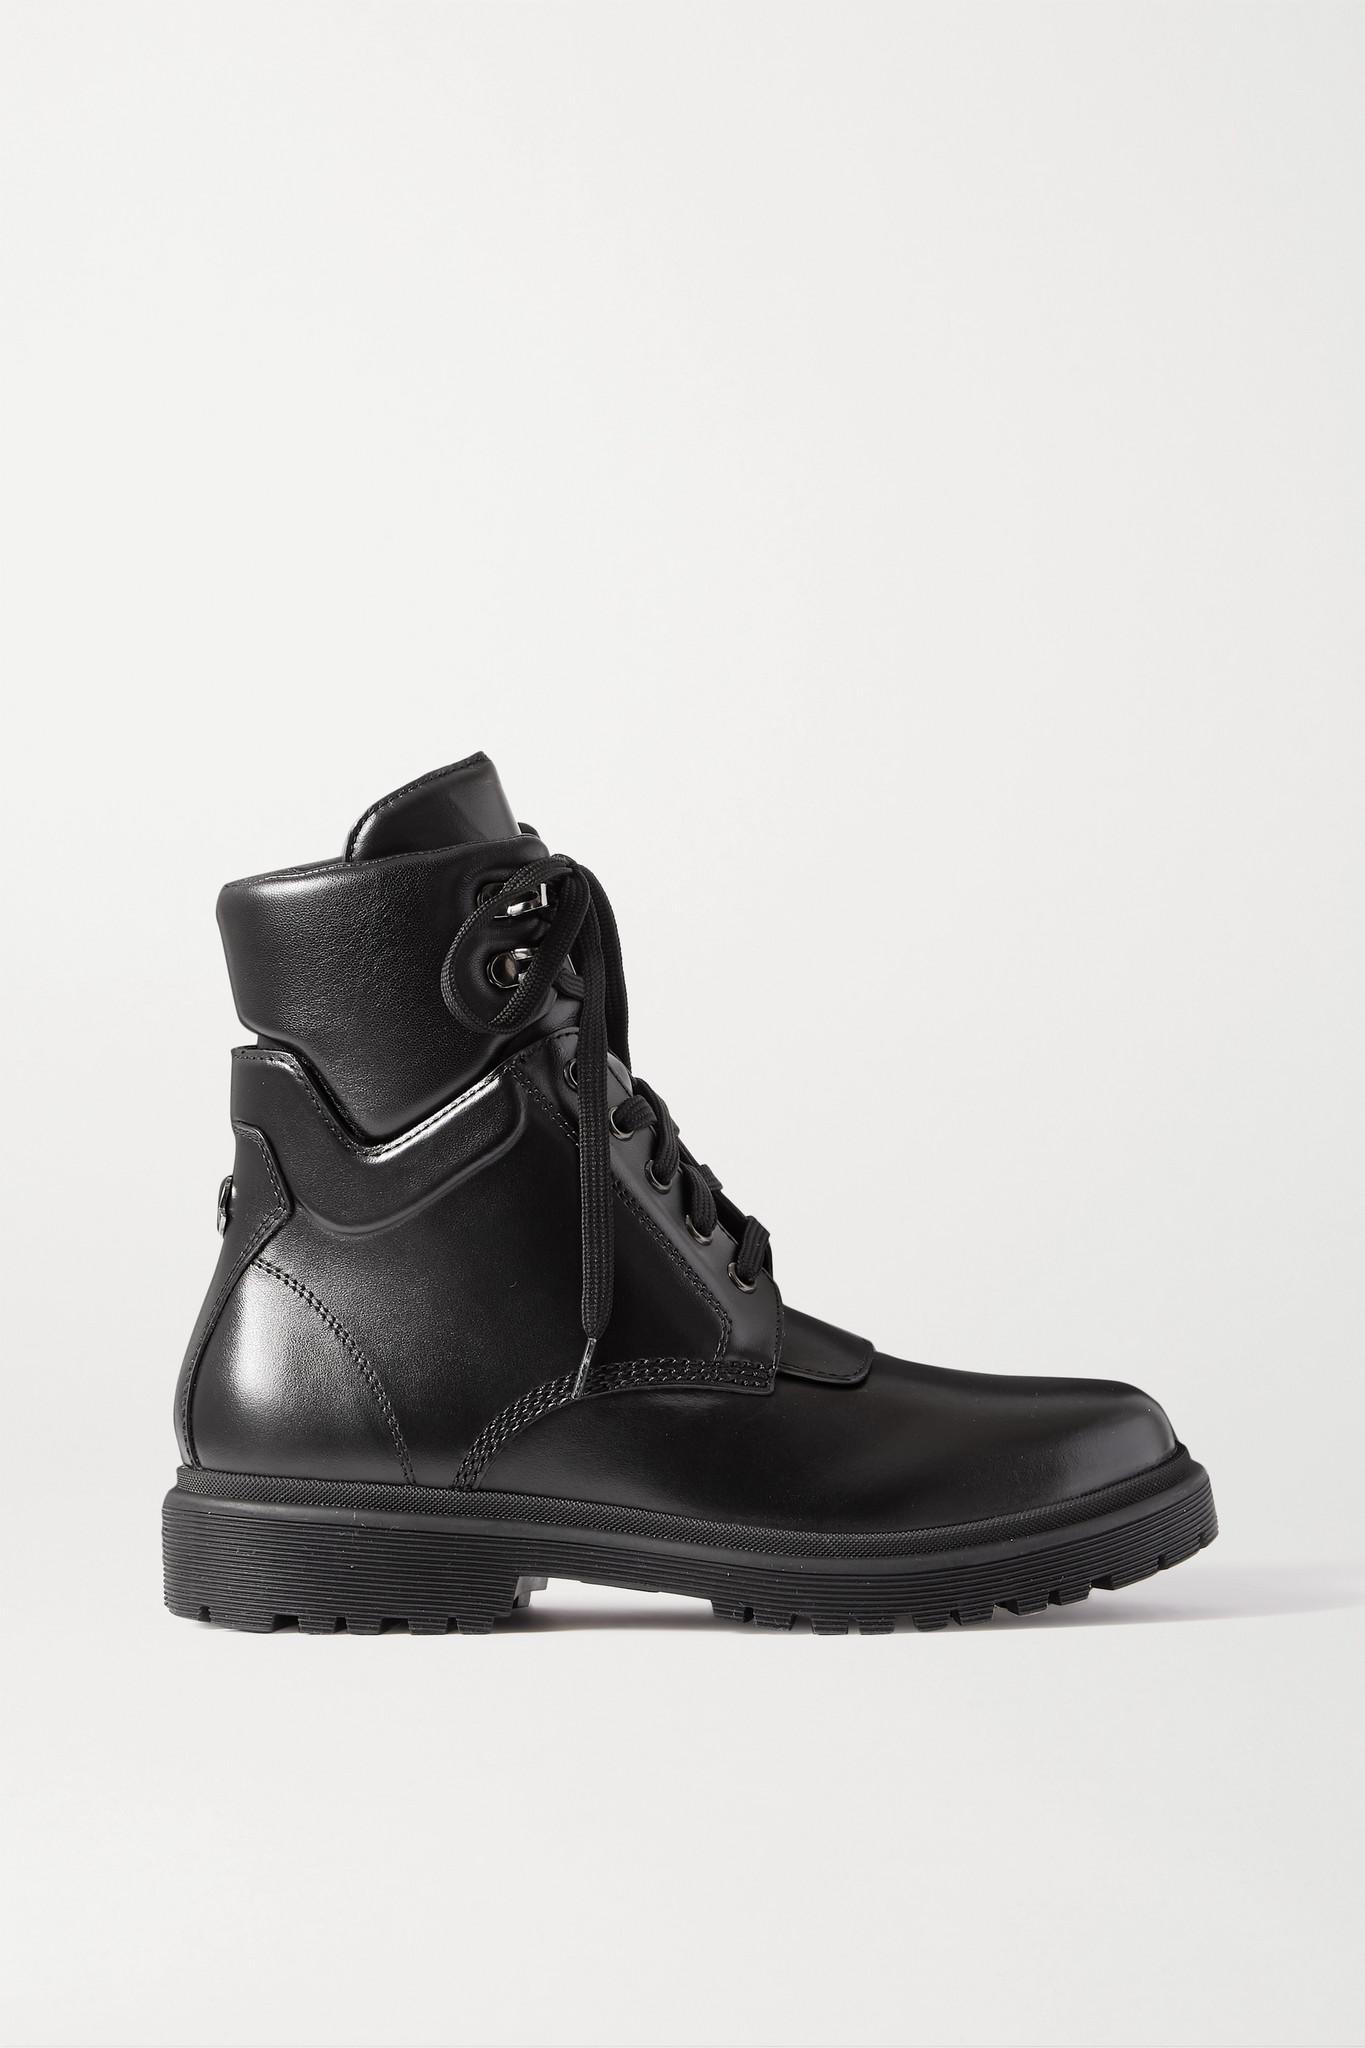 MONCLER - Patty 皮革踝靴 - 黑色 - IT37